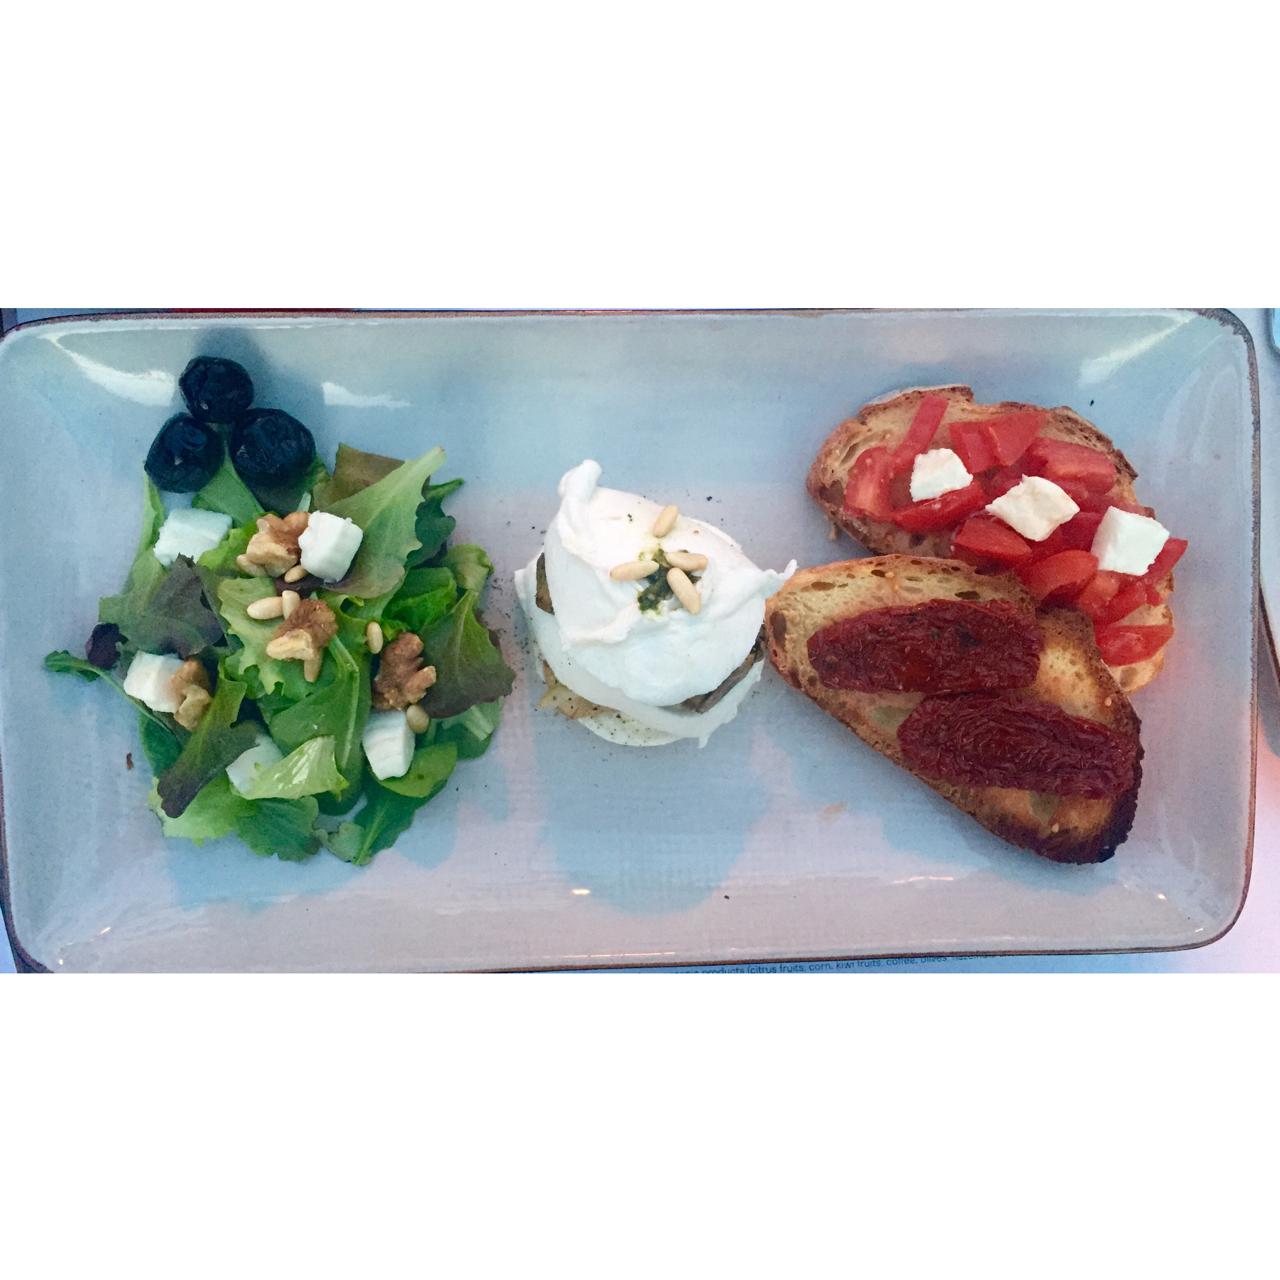 obica-stare-a-tavola-cucinare-fresco-stupire-mozzarella-obica-ricetta-facile-non-si-dice-piacere-bon-ton-buone-maniere